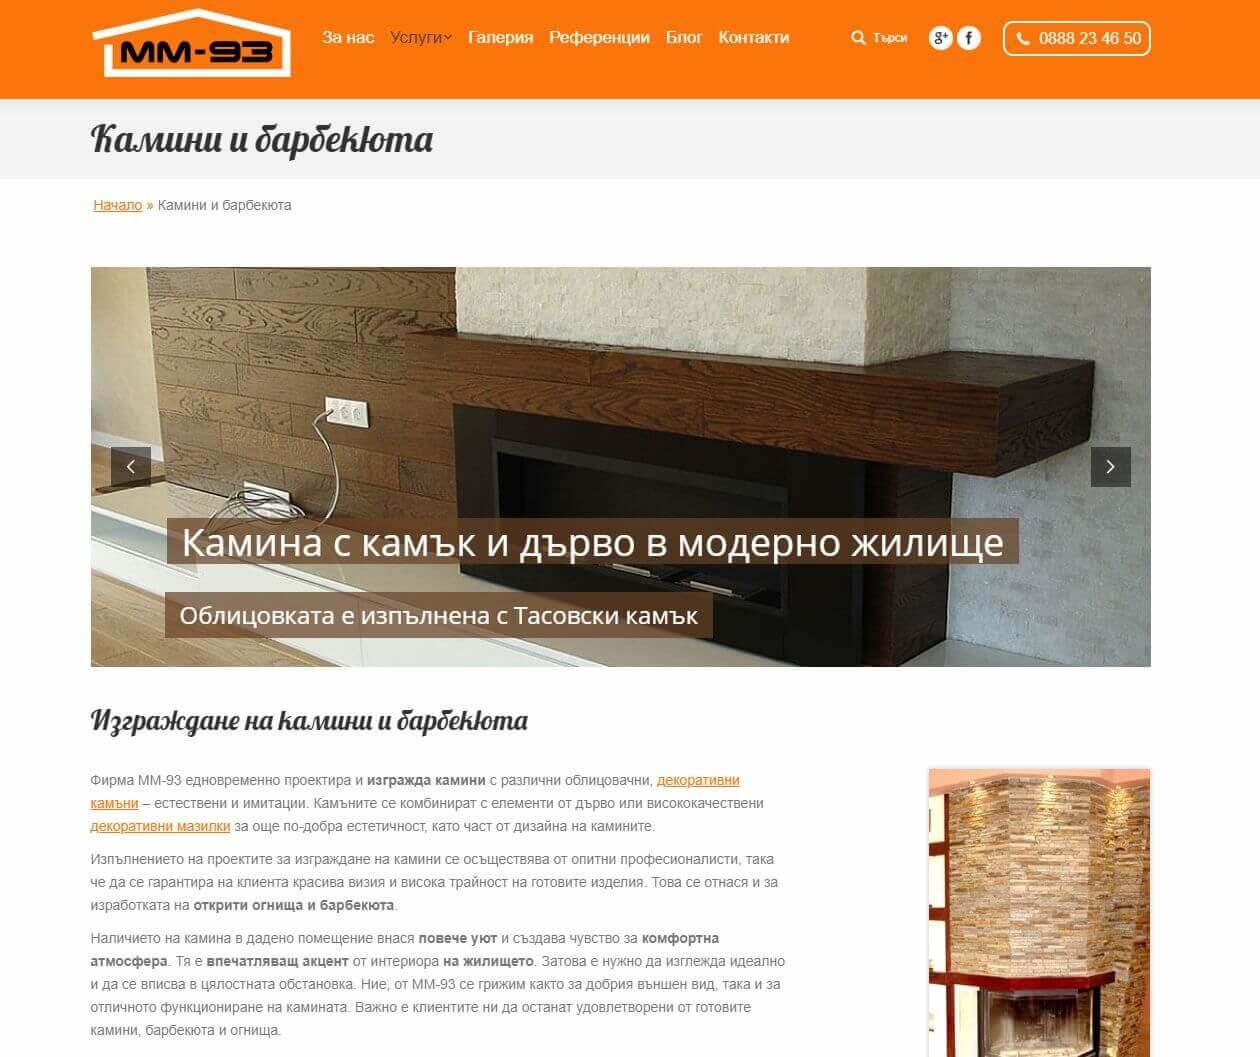 Изработка на уеб сайтове - рекламна агенция Медия Дизайн